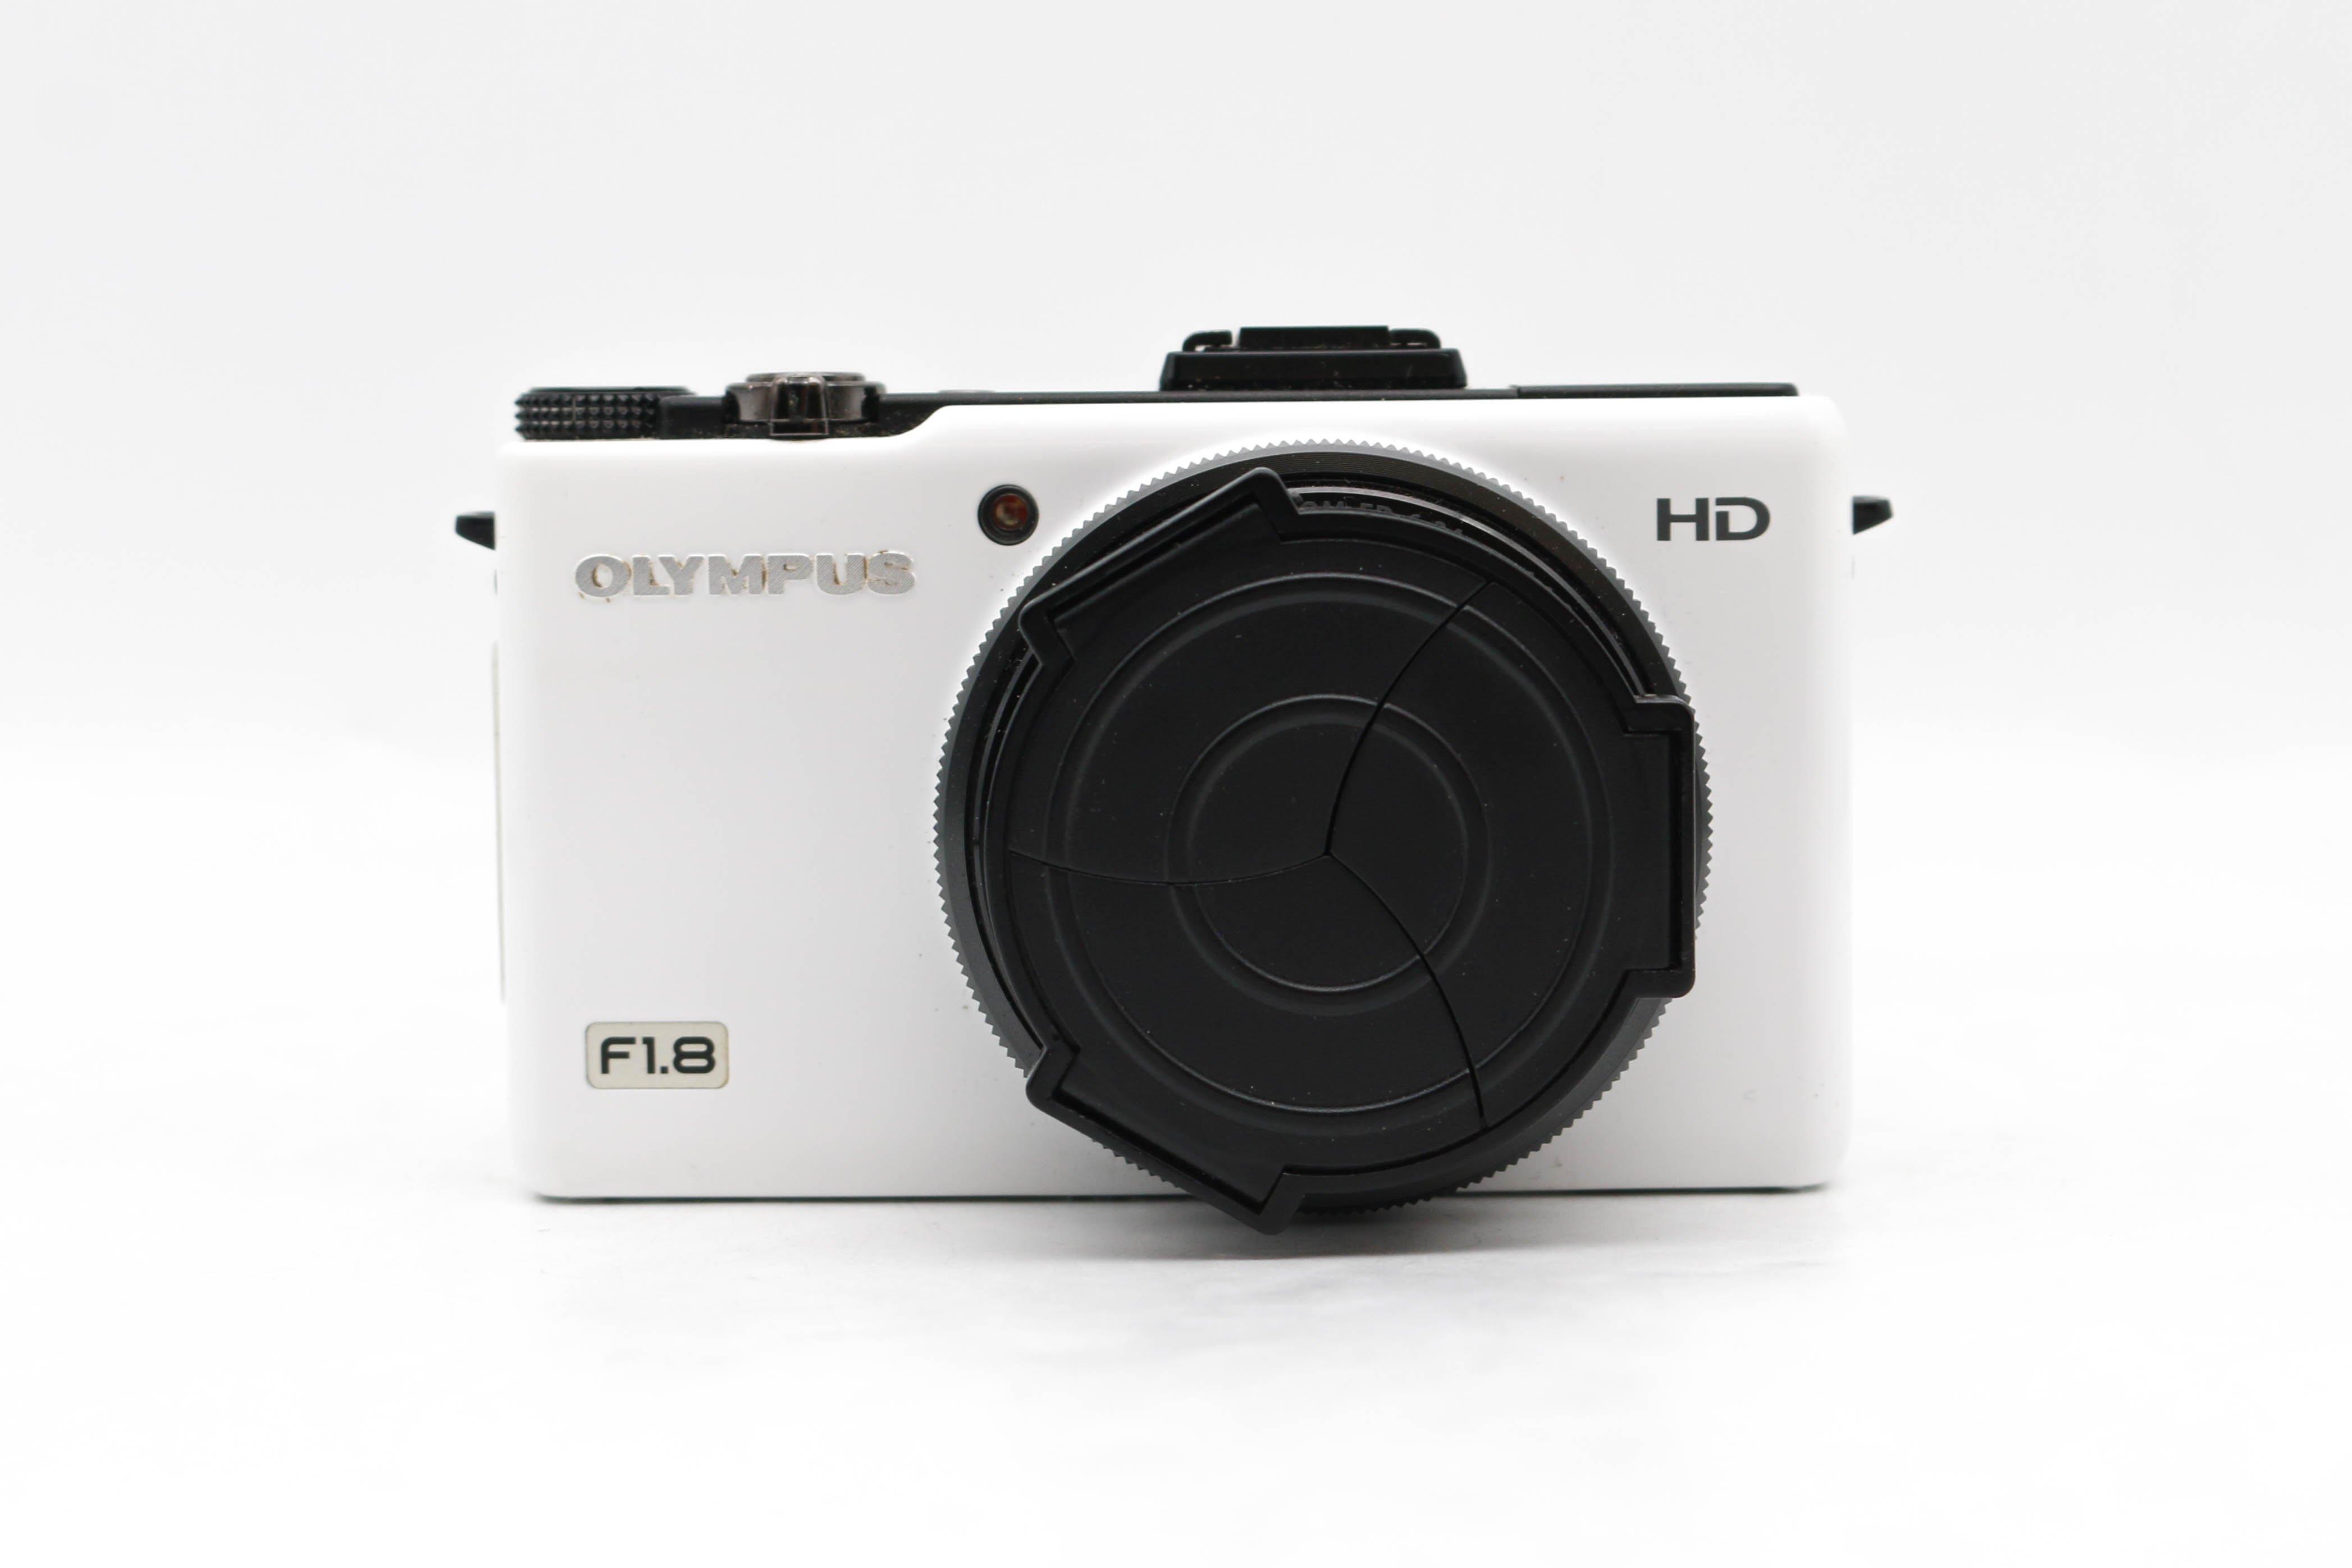 【台南橙市3C】OLYMPUS XZ XZ-1 F1.8 大光圈 4倍變焦 數位相機 二手相機 白#43799